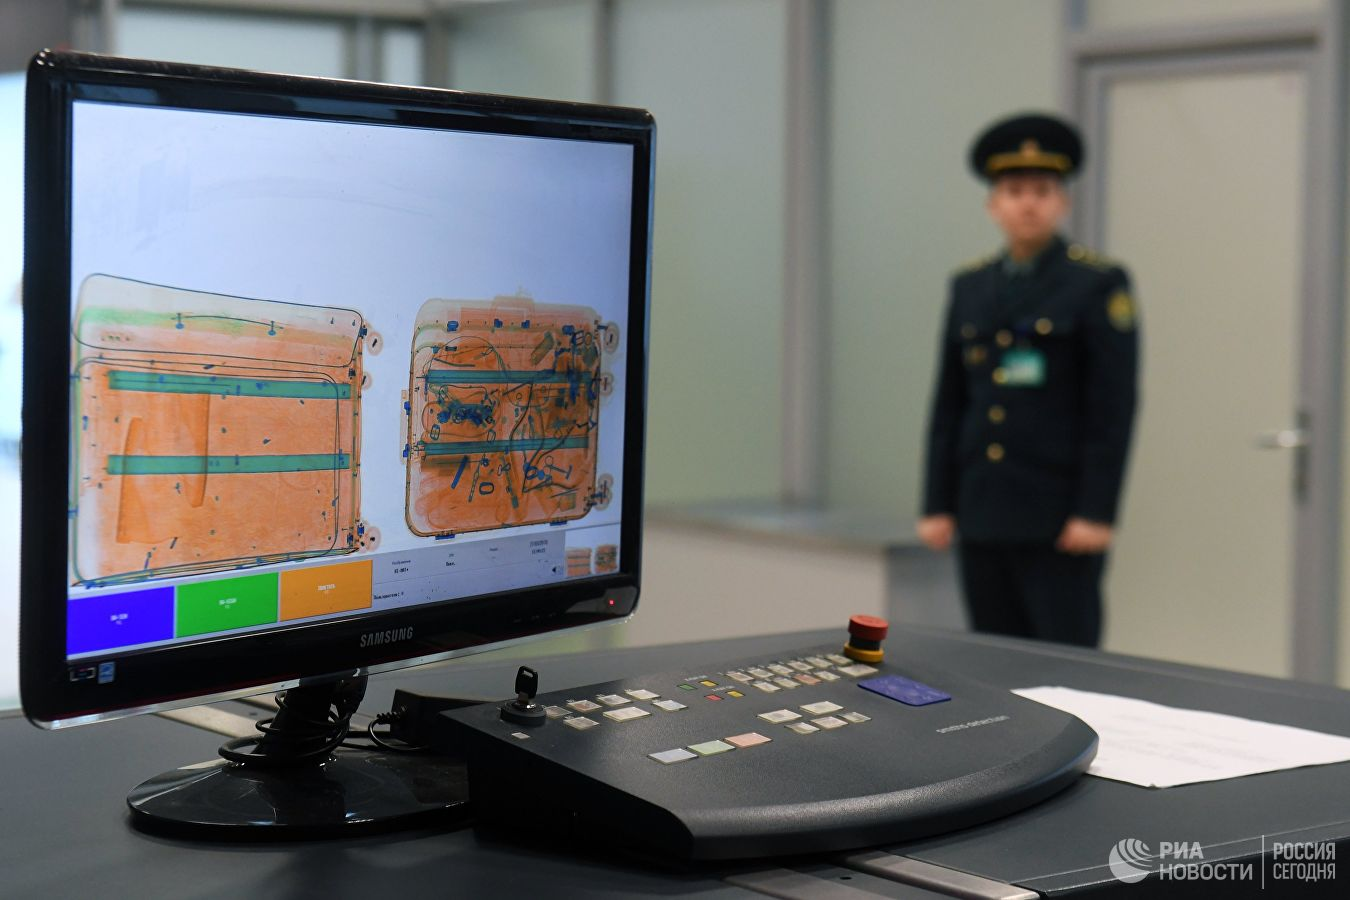 Монитор багажного сканера в зоне таможенного контроля международного а...